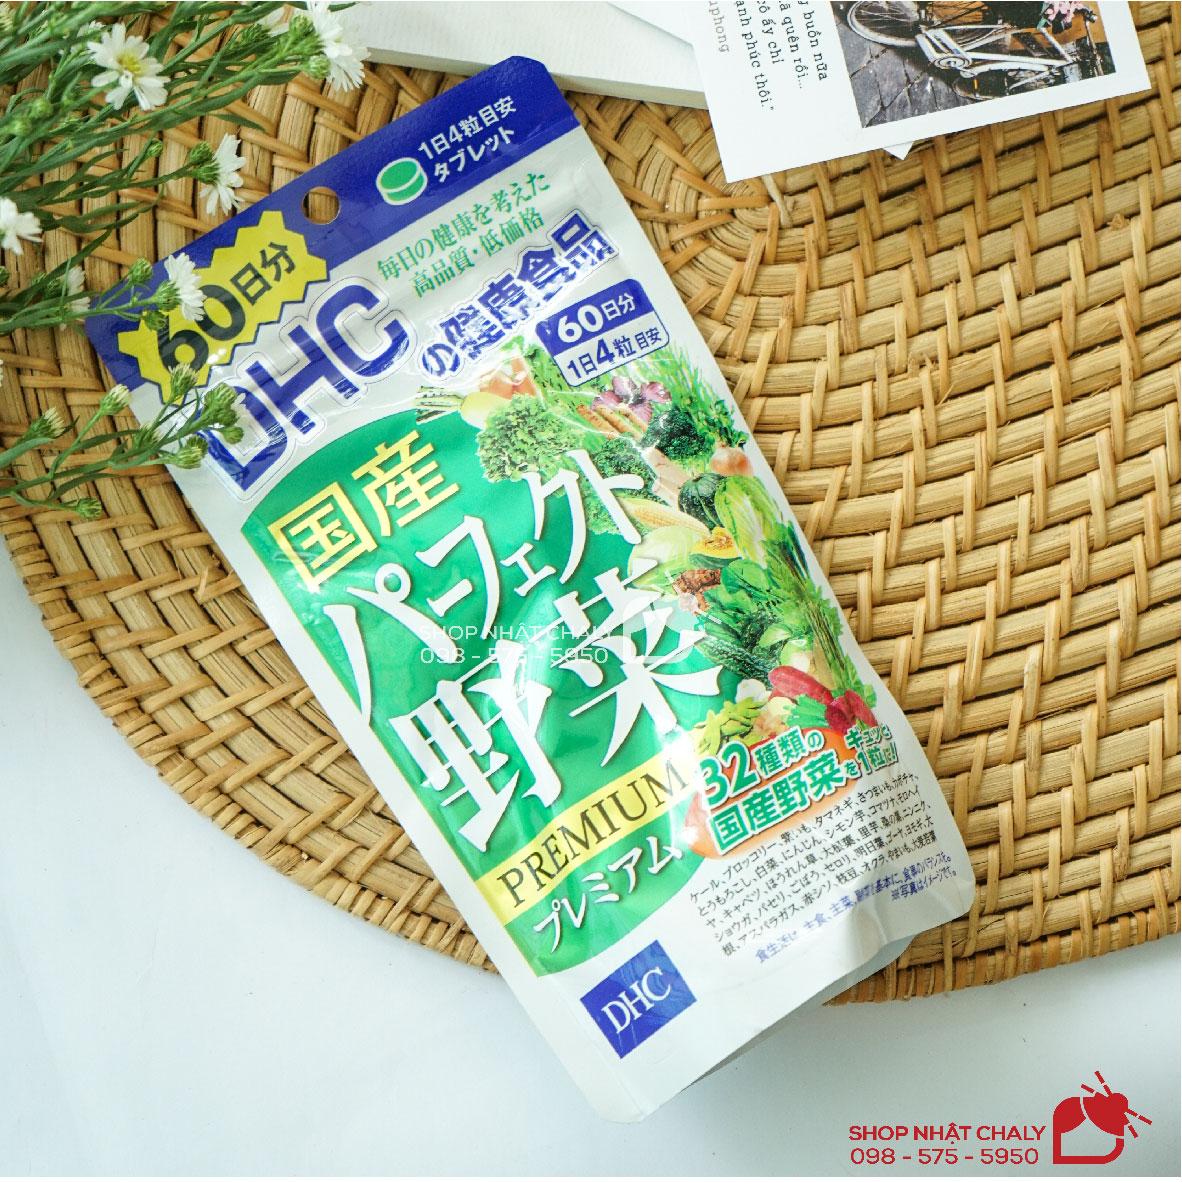 Viên DHC rau củ 60 ngày 240 viên là viên uống rau củ nổi tiếng không chỉ tại Nhật mà ở nhiều nước châu Á. Sản phẩm lành tính, cải thiện nhiều vấn đề làn da và sức khoẻ